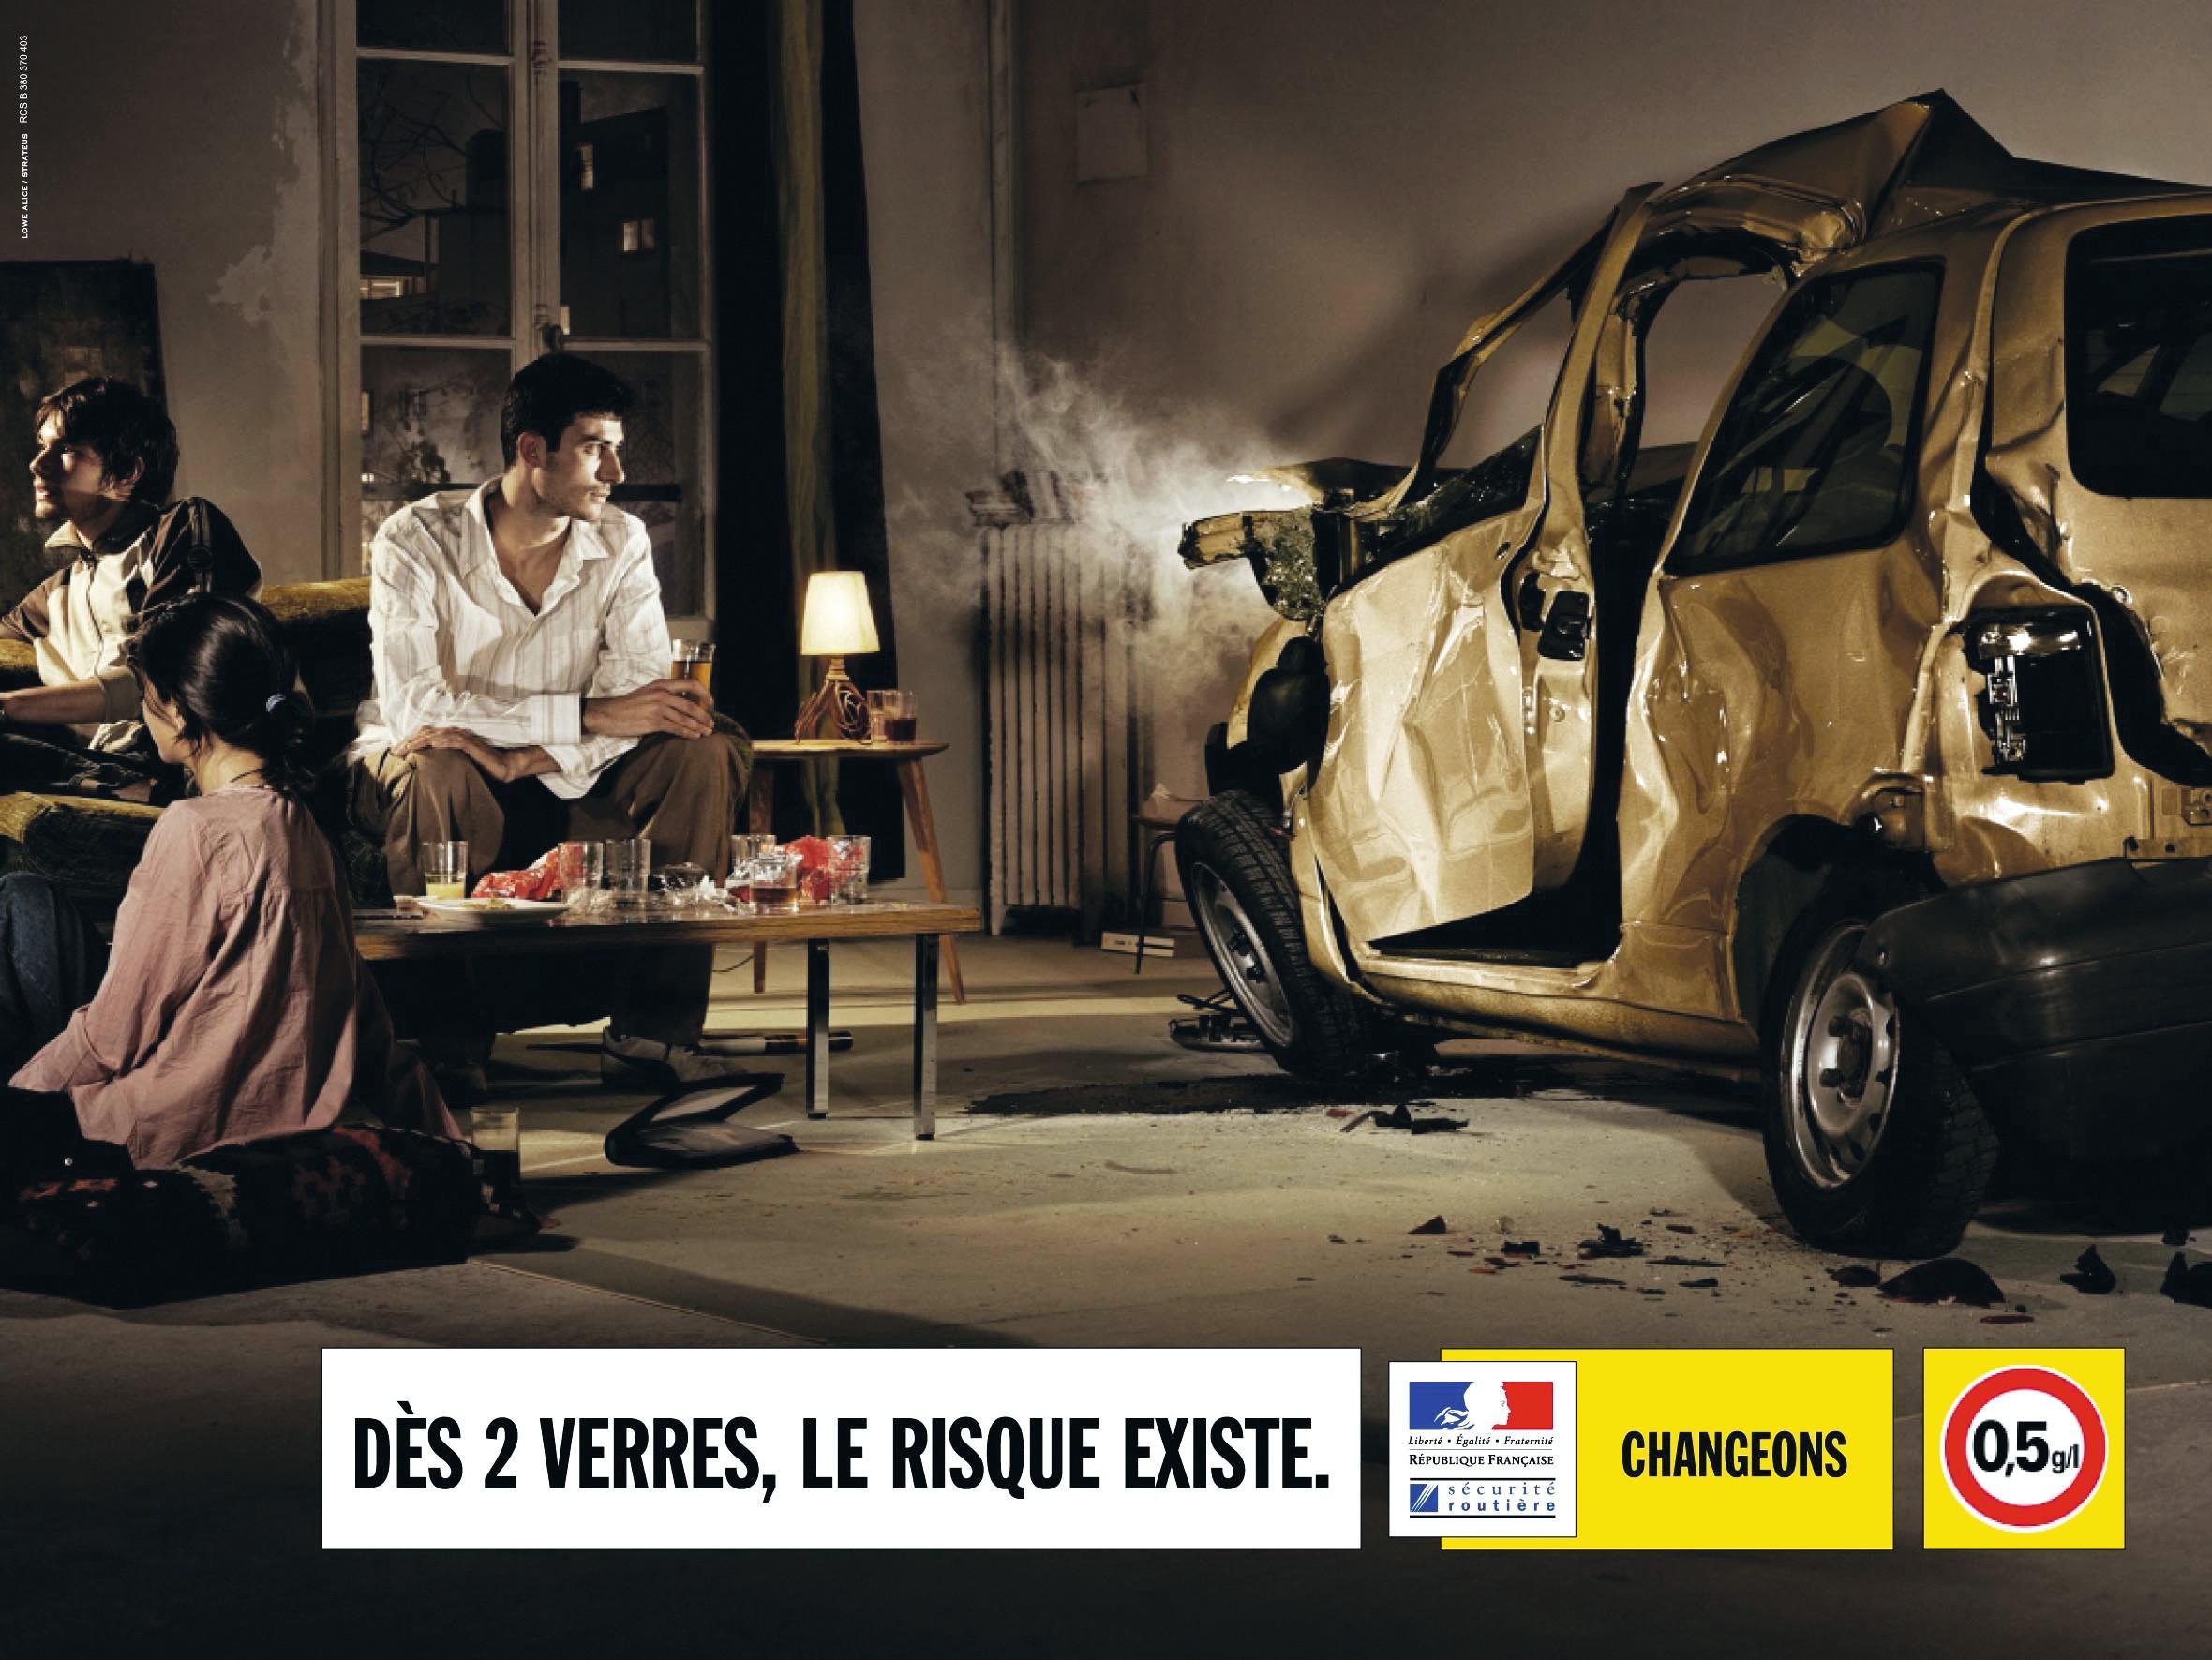 Affiche d'une campagne de sécurité routière.